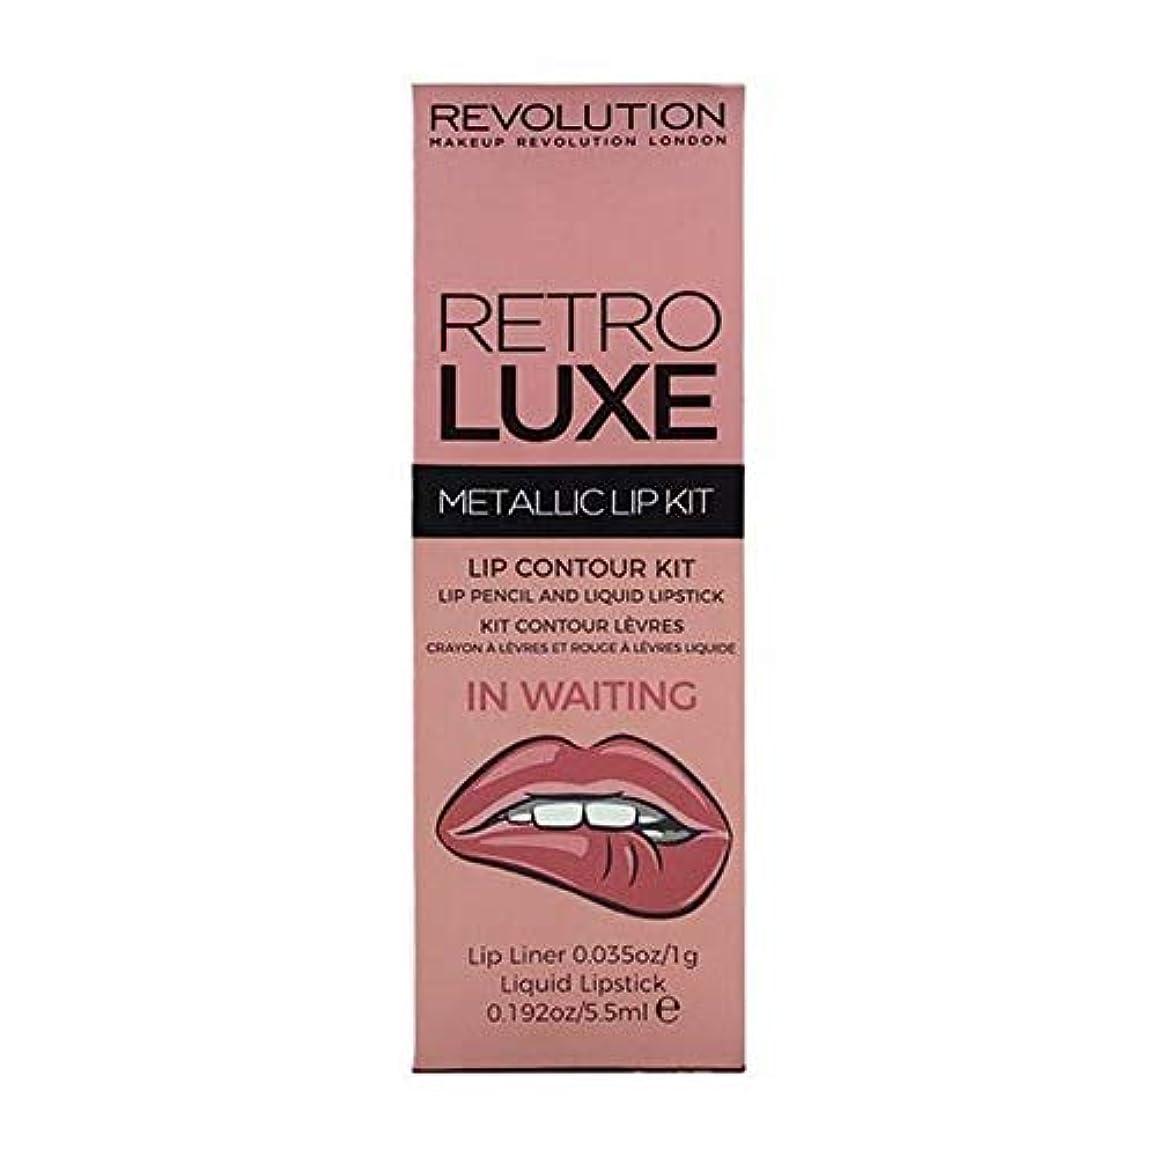 ローマ人ゴシップベジタリアン[Revolution ] 待っているの革命レトロデラックスキットメタリック - Revolution Retro Luxe Kits Metallic In Waiting [並行輸入品]